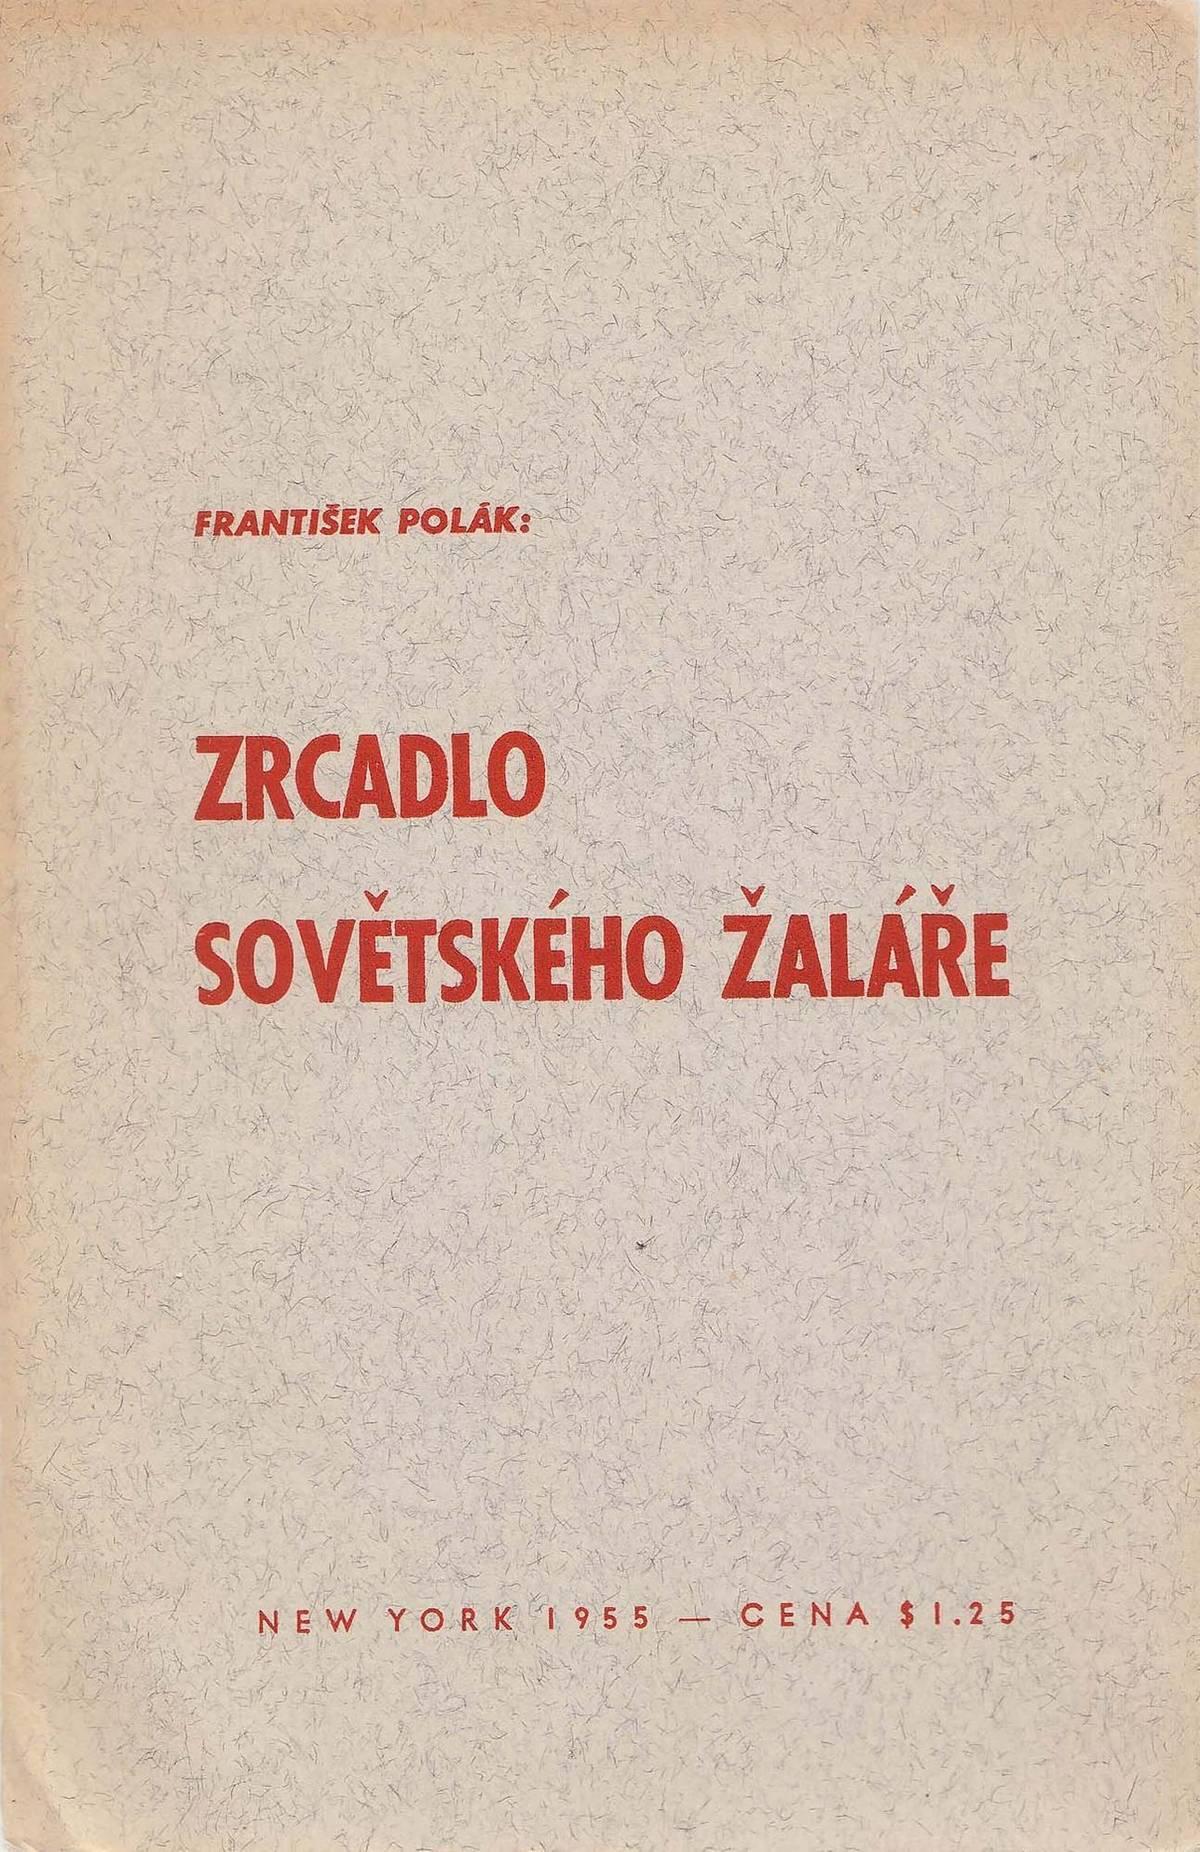 Neúspěch Františka Poláka na poli OSN přimět Sovětský Svaz kuzavření gulagu vedl ksepsání svědectví, které vydal vNew Yorku vlastním nákladem i sám distribuoval mezi emigranty.